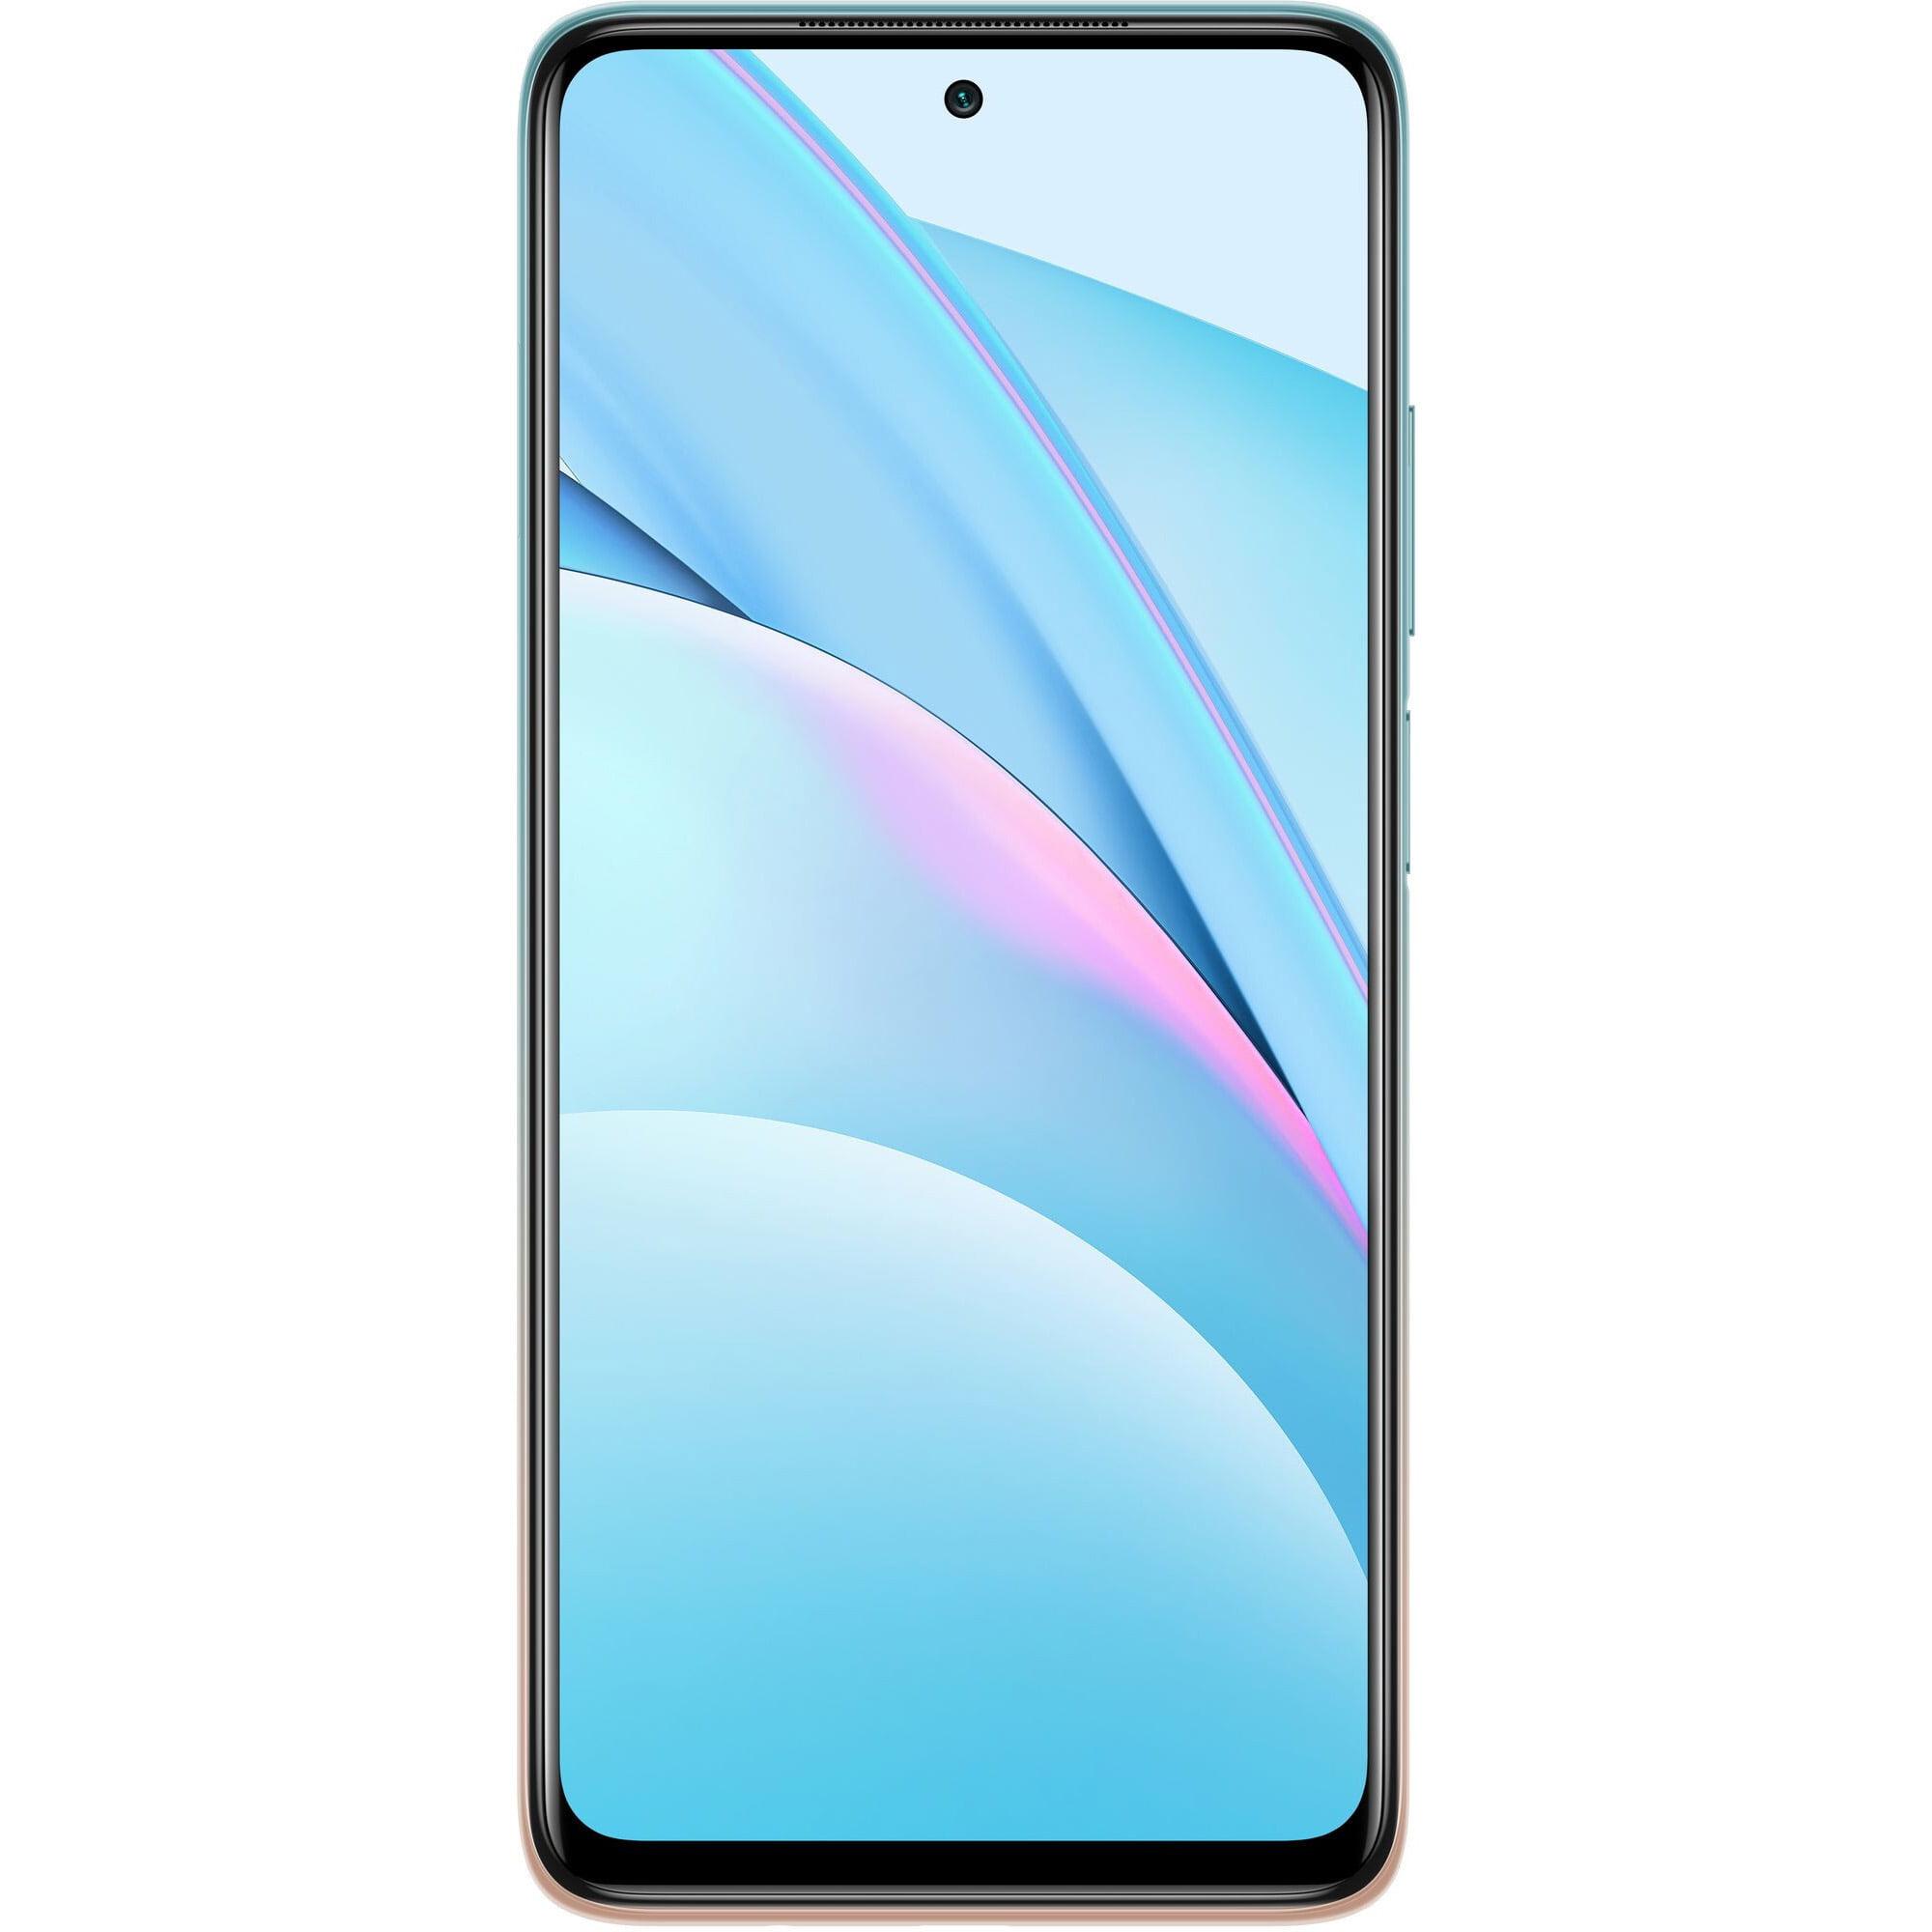 Telefon mobil Xiaomi Mi 10T Lite, Dual SIM, 64GB, 6GB RAM, 5G, Rose Gold Beach